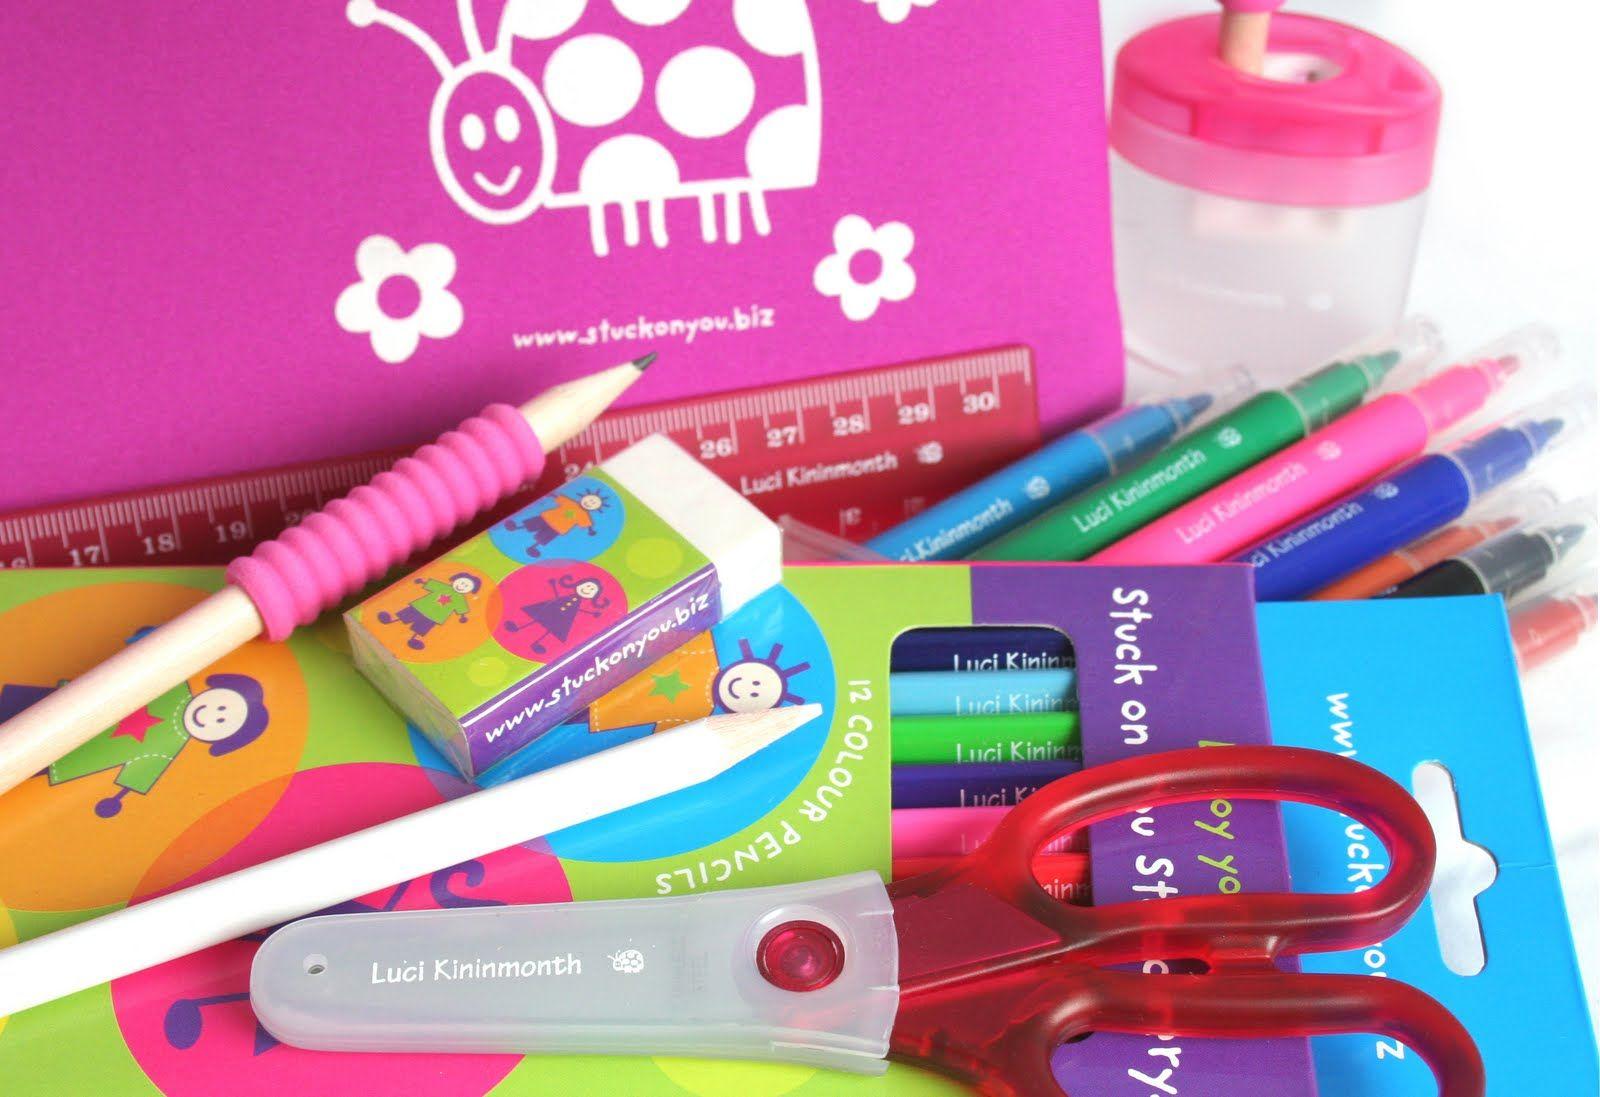 الأدوات المدرسية اللى هيحتاجها الأطفال كنت تعرف دي School Supplies School Stick